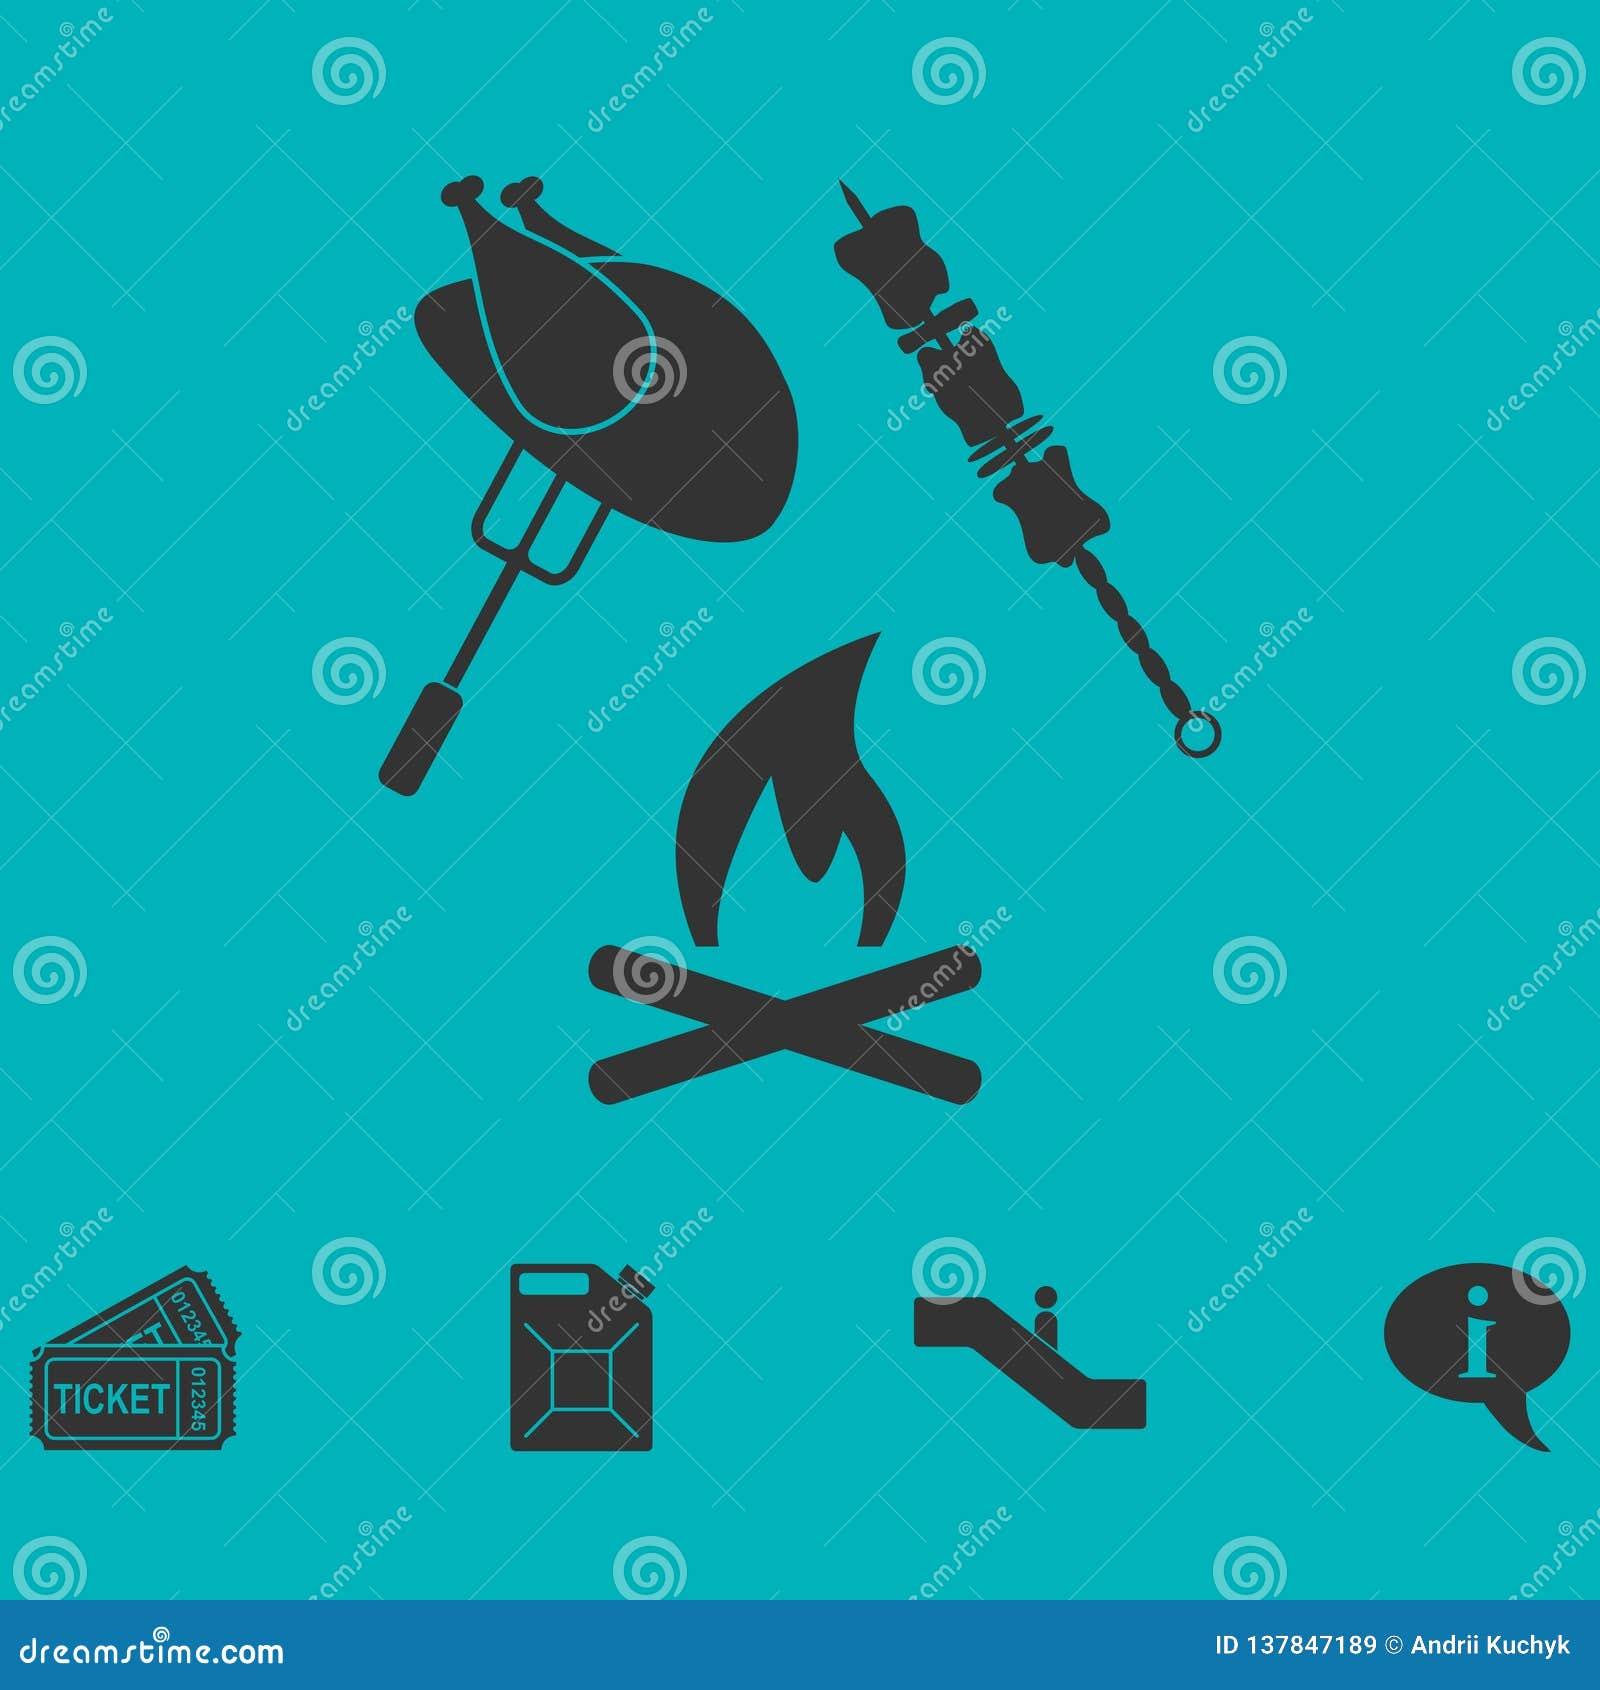 Icona del barbecue o della griglia pianamente